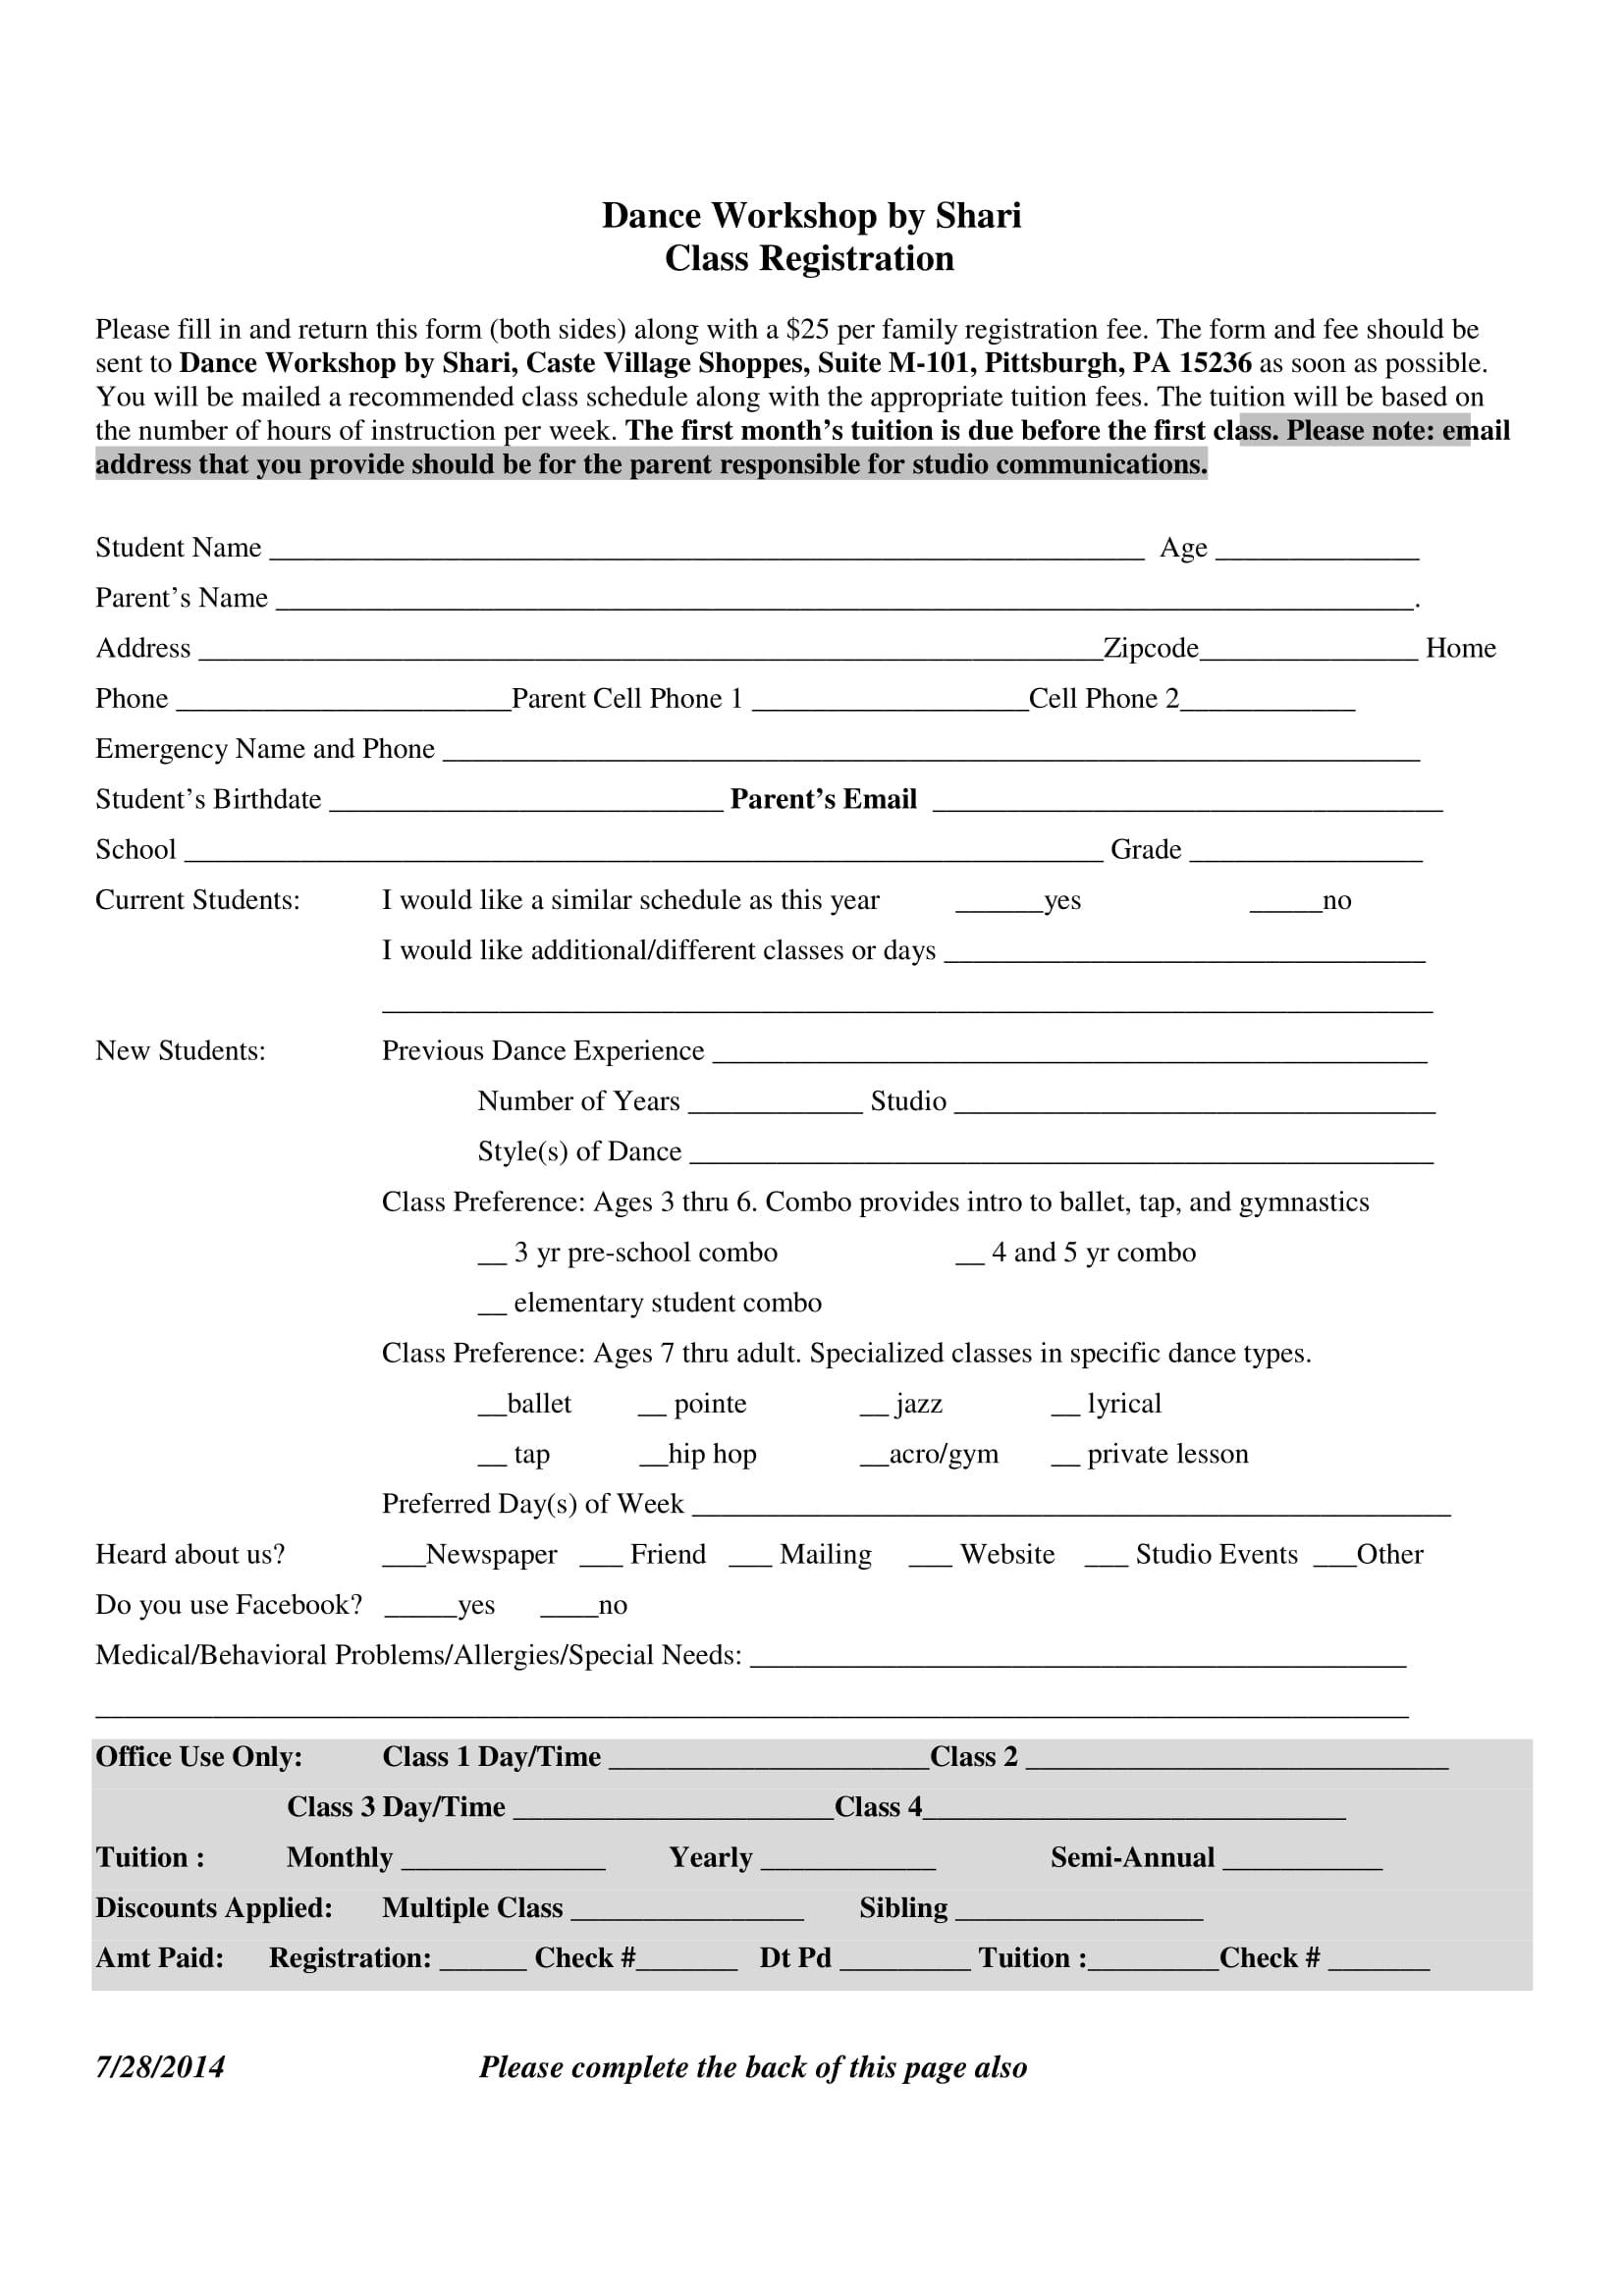 dance workshop registration form 1